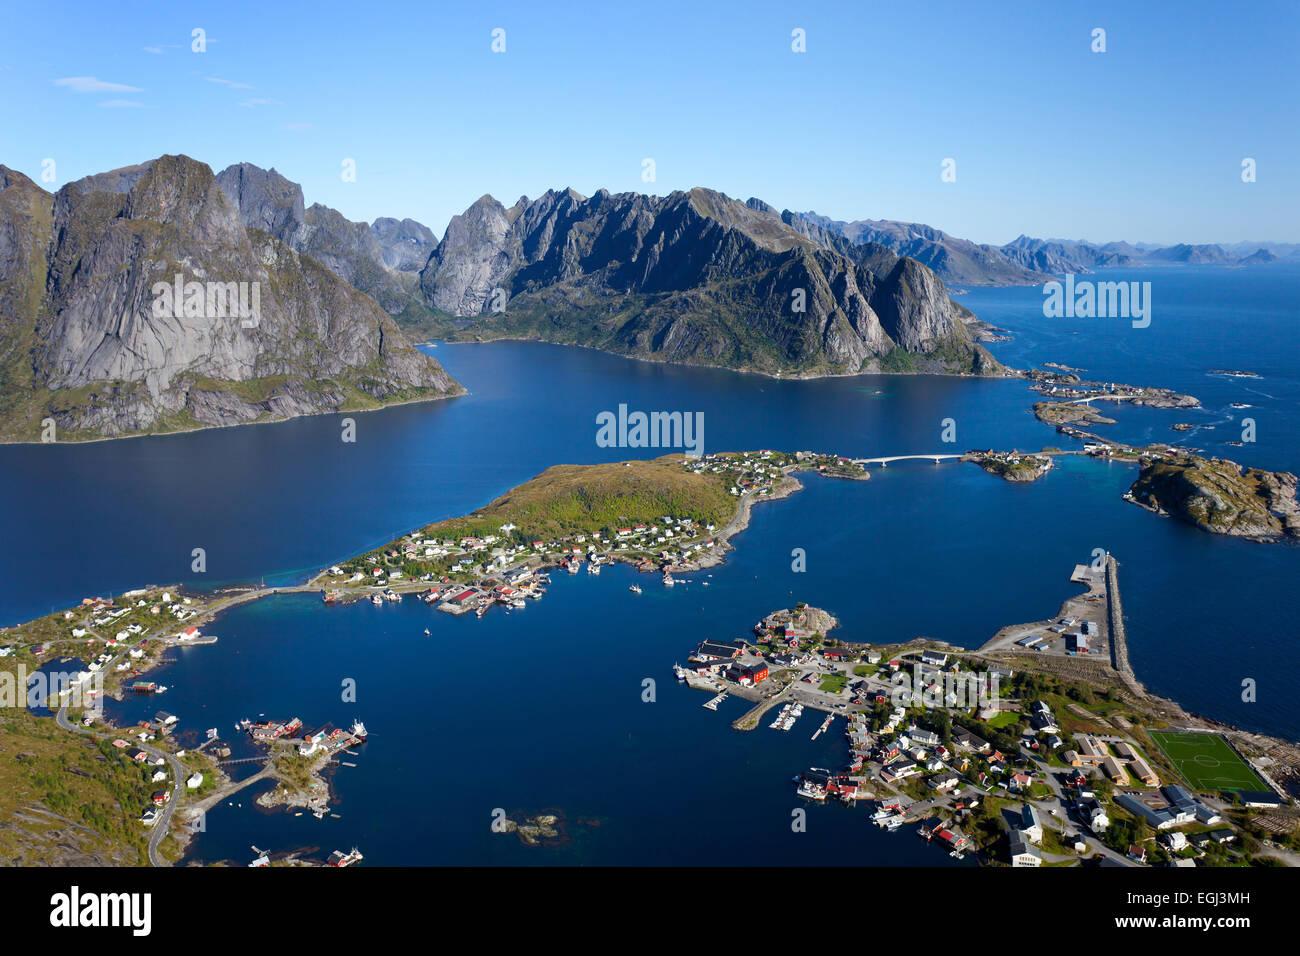 Reinebringen, Aussicht, Blauer Himmel, Reine, Dorf, Fjord, Lofoten, Nordland, Norwegen Stock Photo